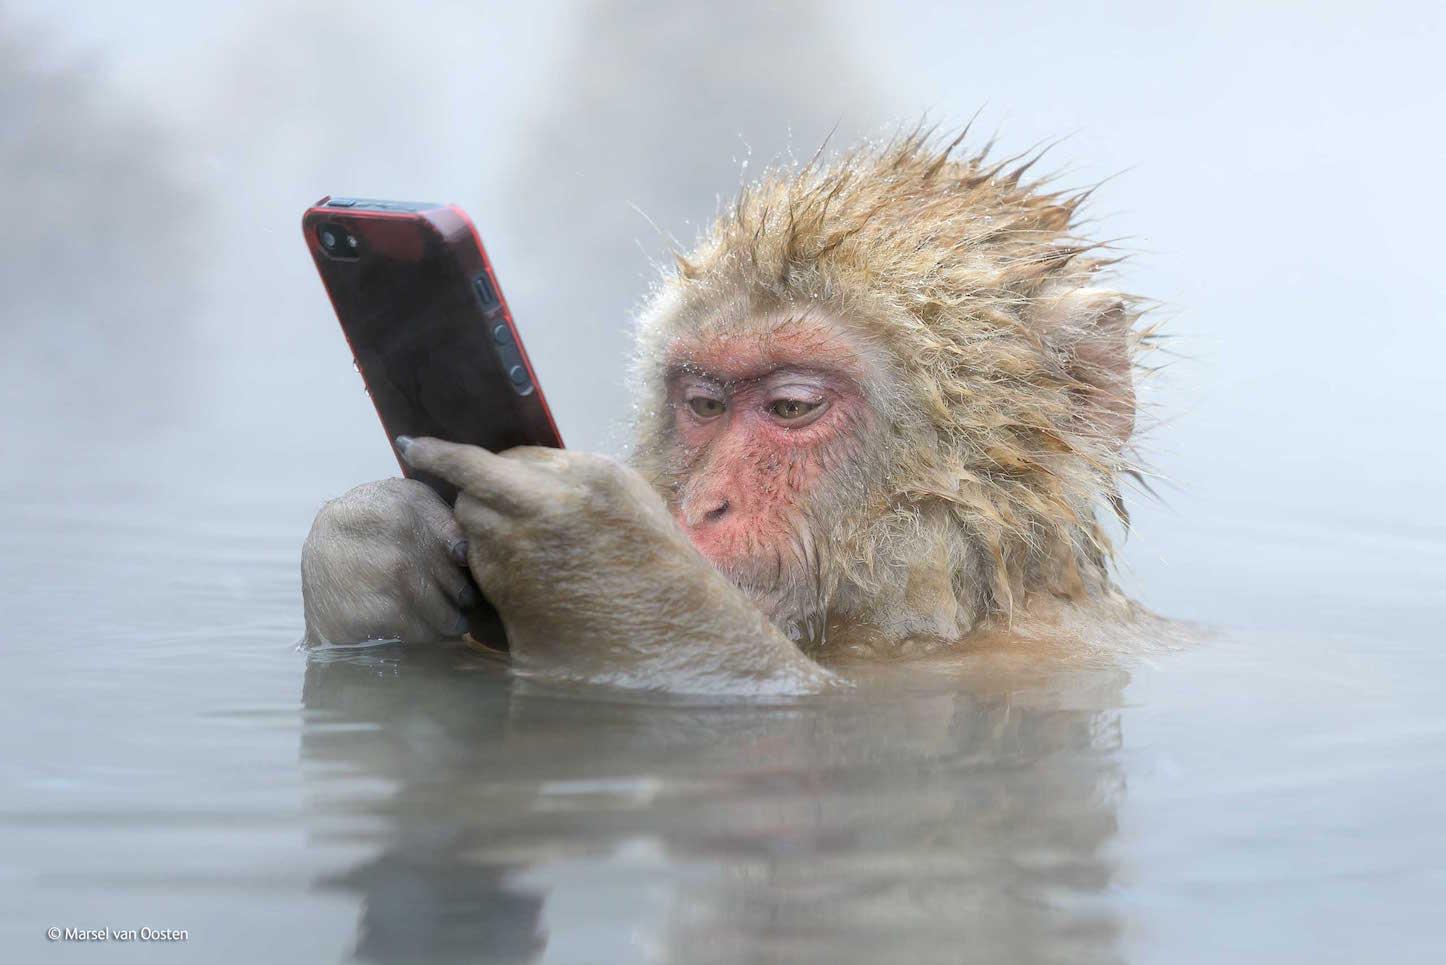 Japanese monkey using iphone